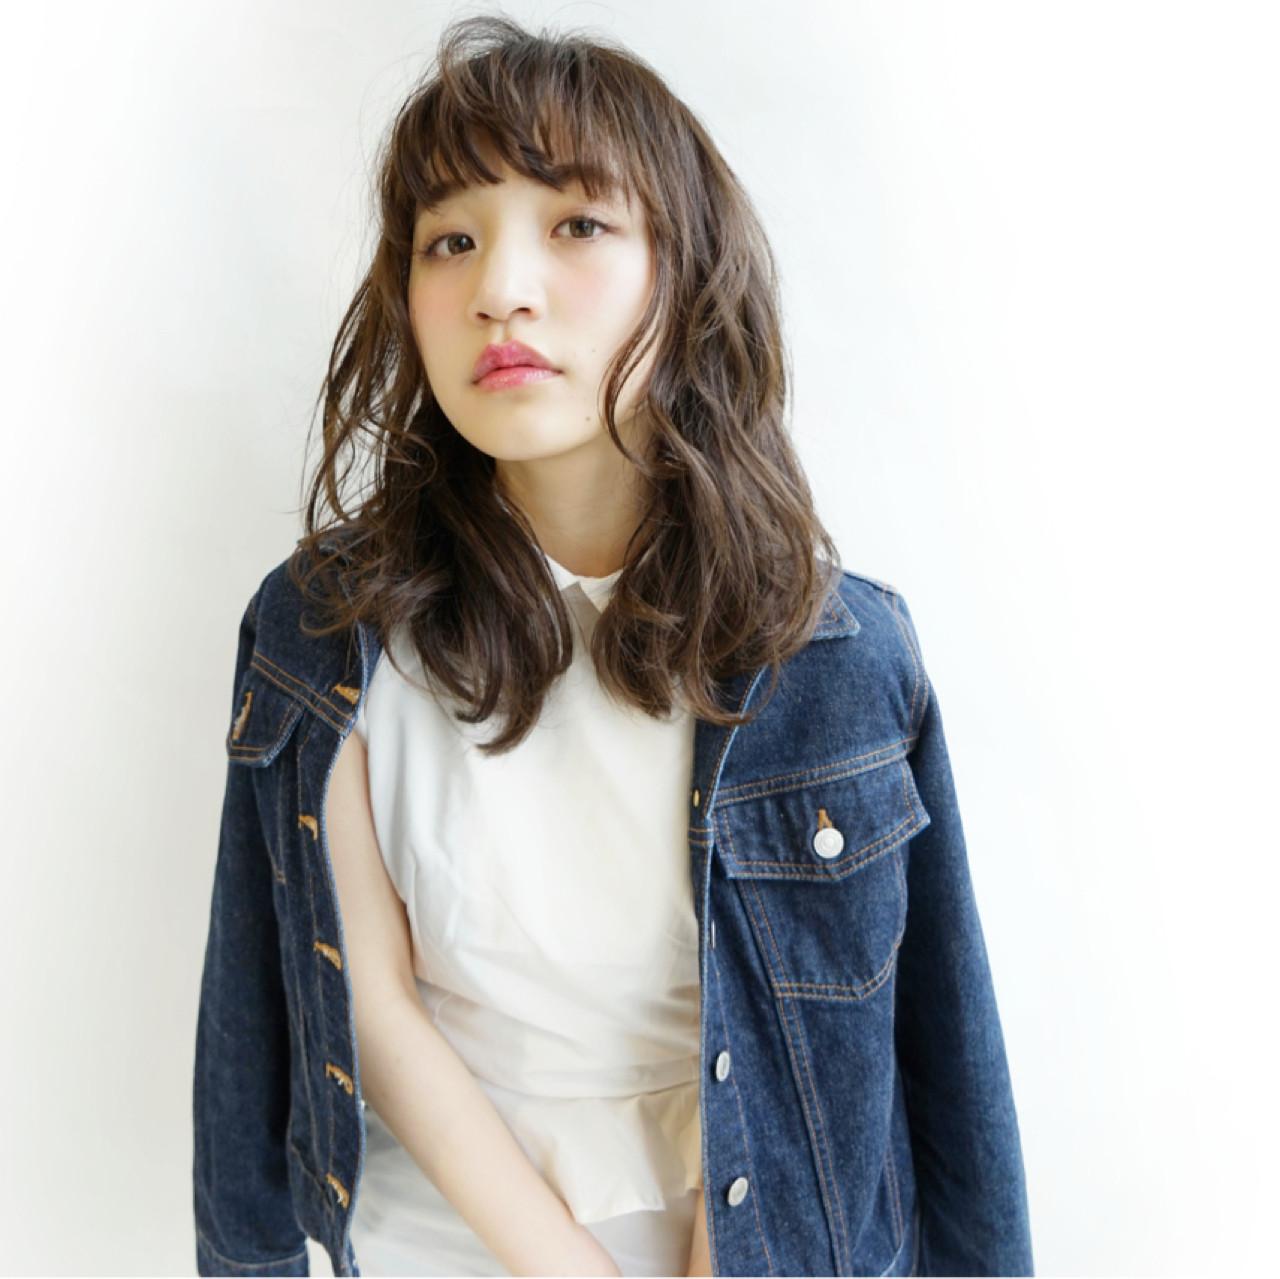 ミディアム ブラウン レイヤーカット ストリート ヘアスタイルや髪型の写真・画像 | 石田 裕人 / AFLOAT NAGOYA